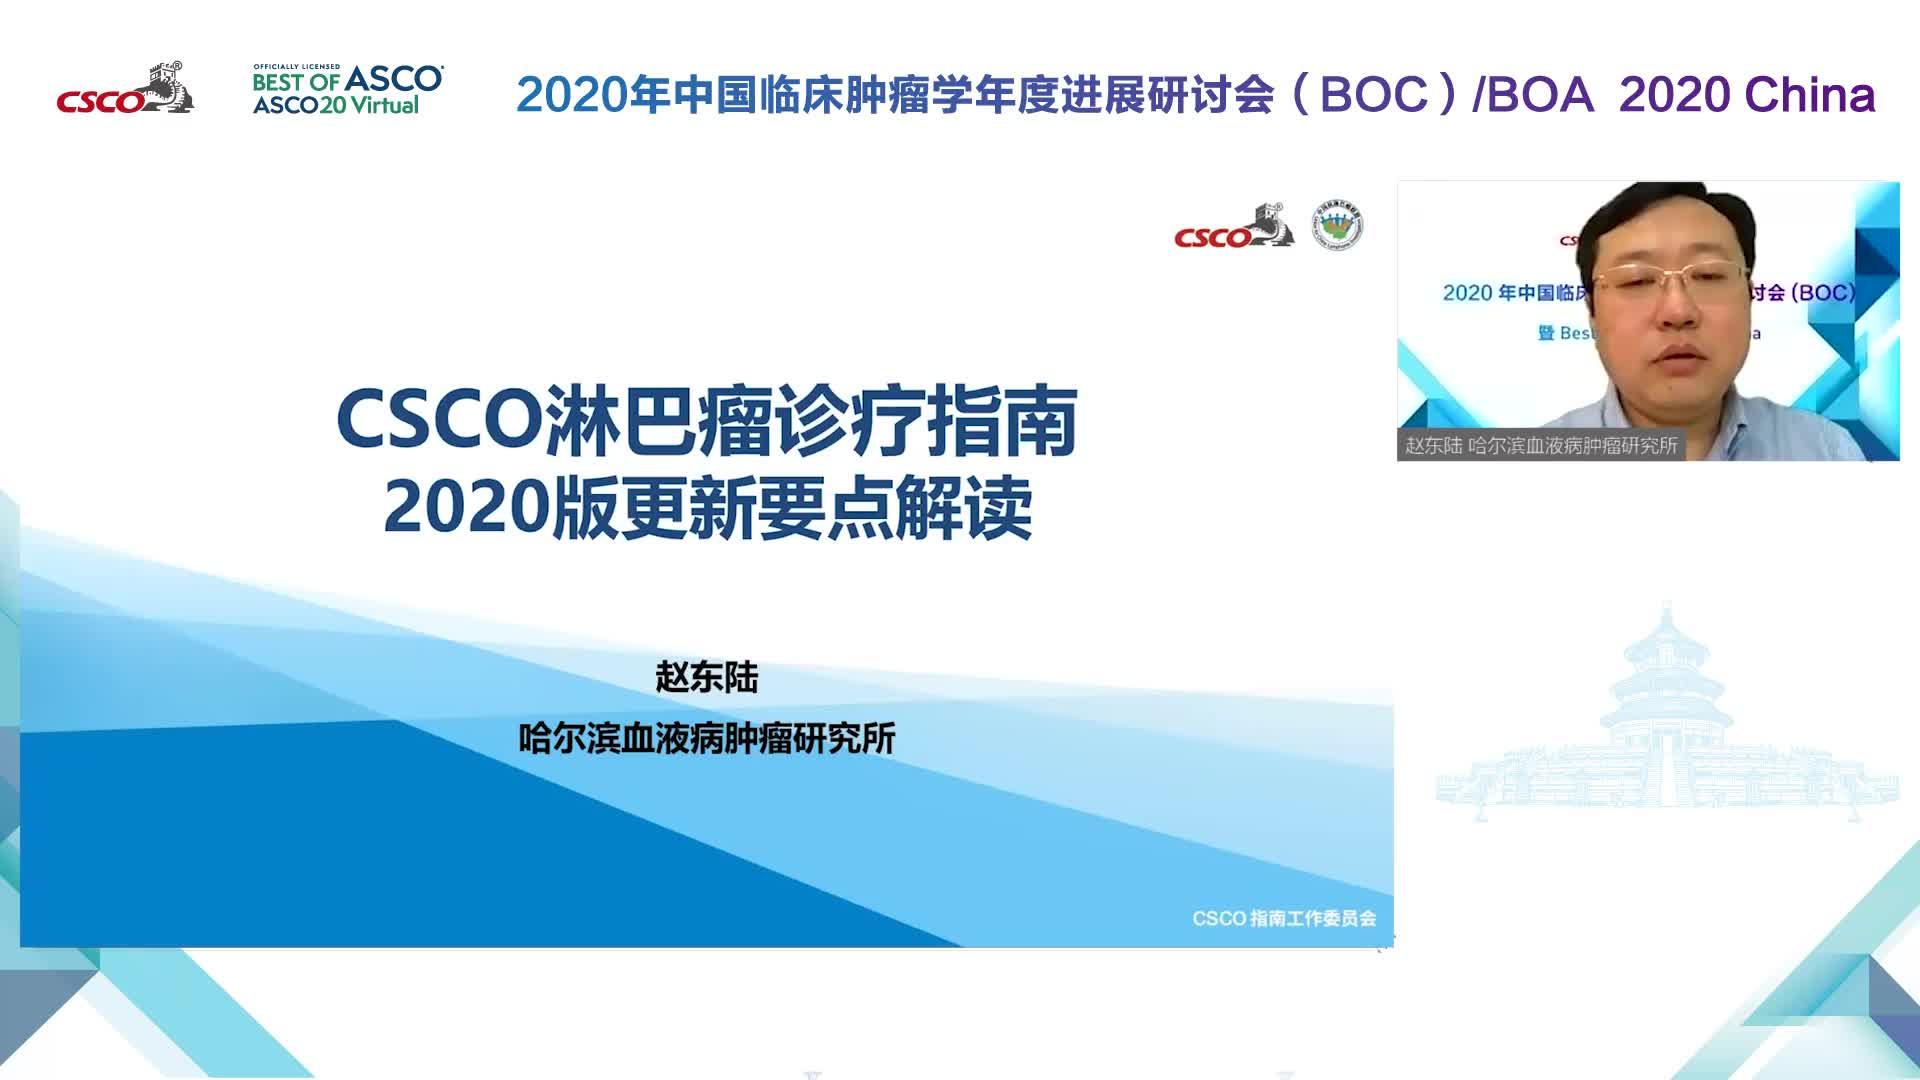 CSCO淋巴瘤指南2020更新要点解读